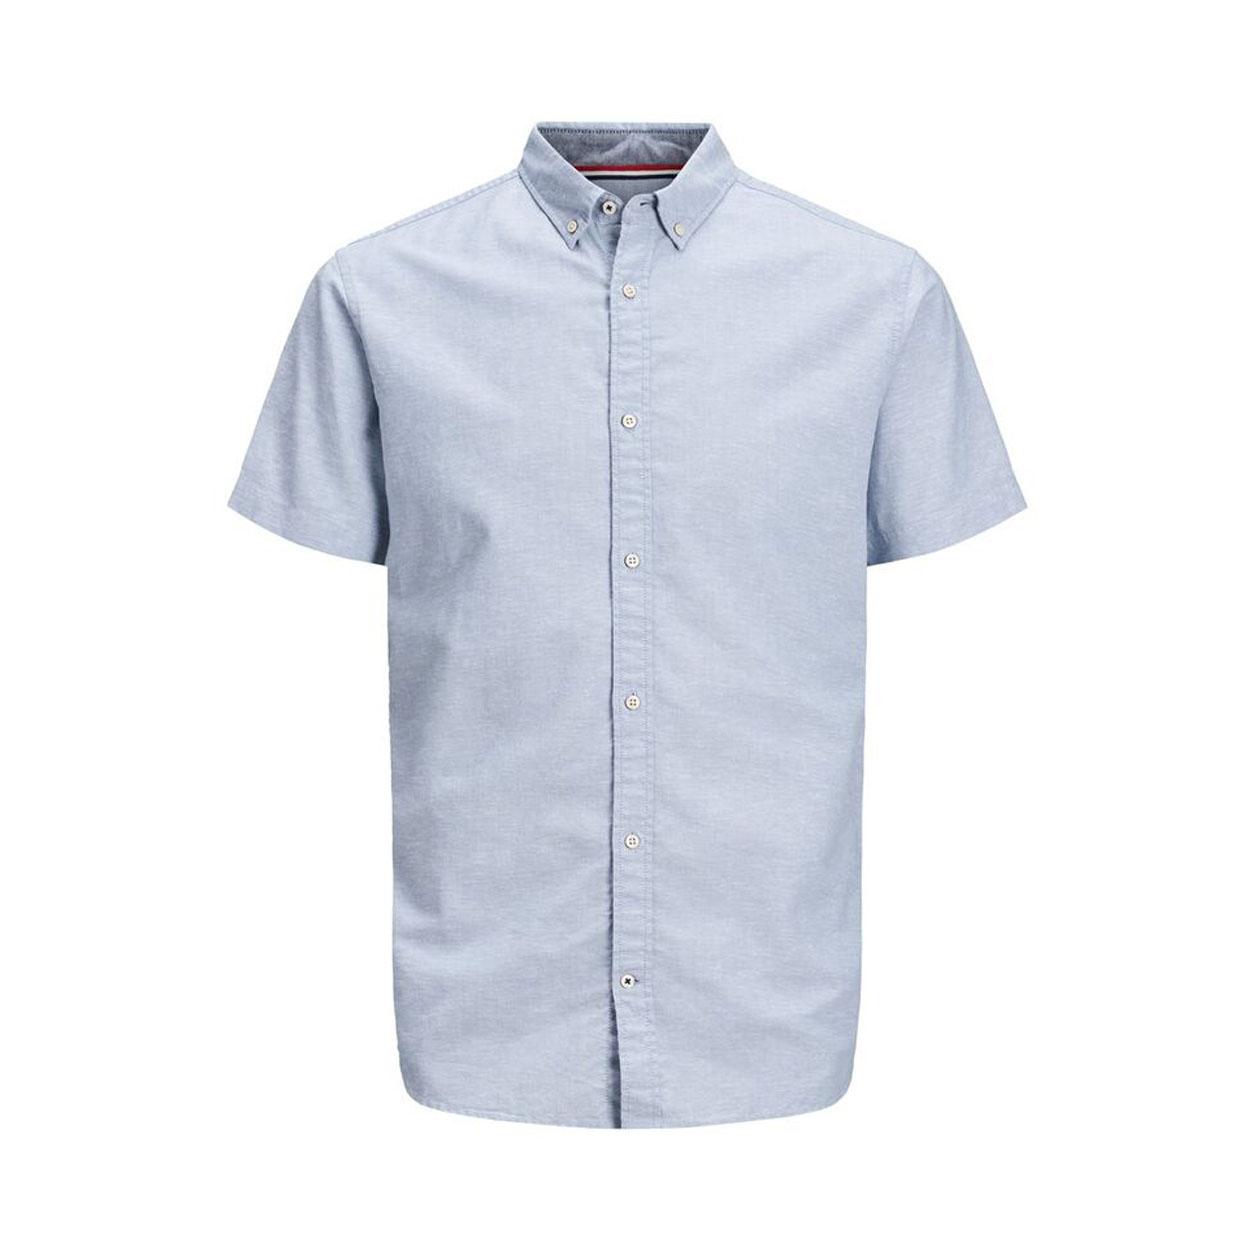 Chemise ajustée  summer en coton et lin bleu ciel